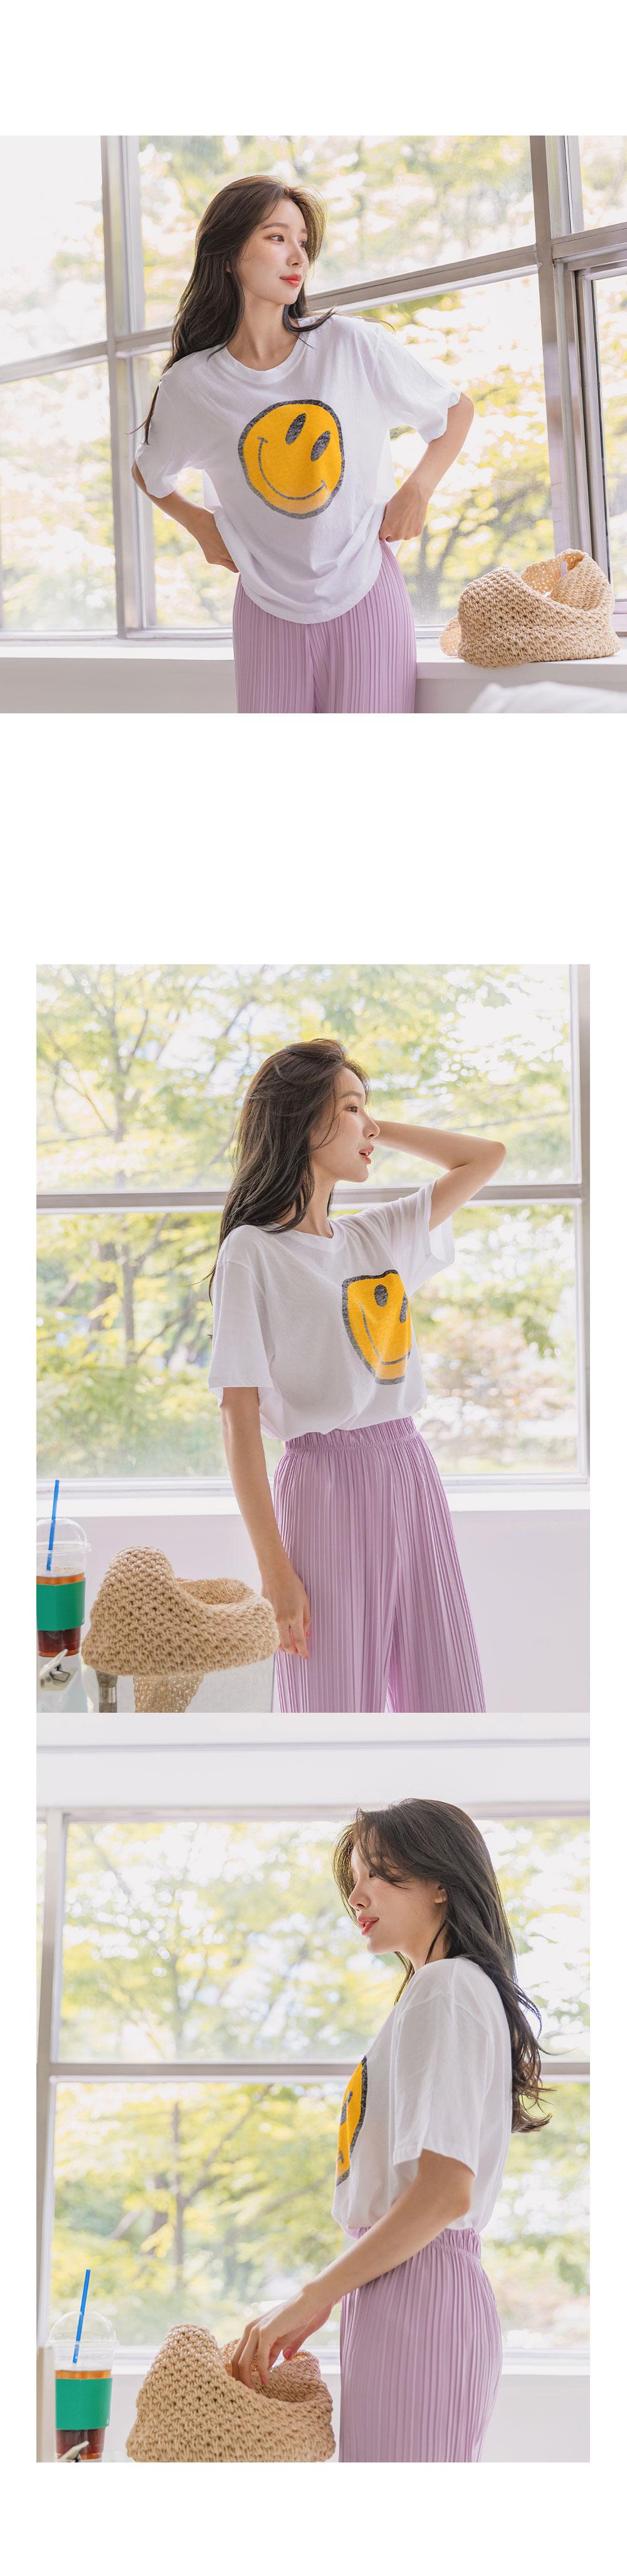 Smile Vintage Short Sleeve Tee